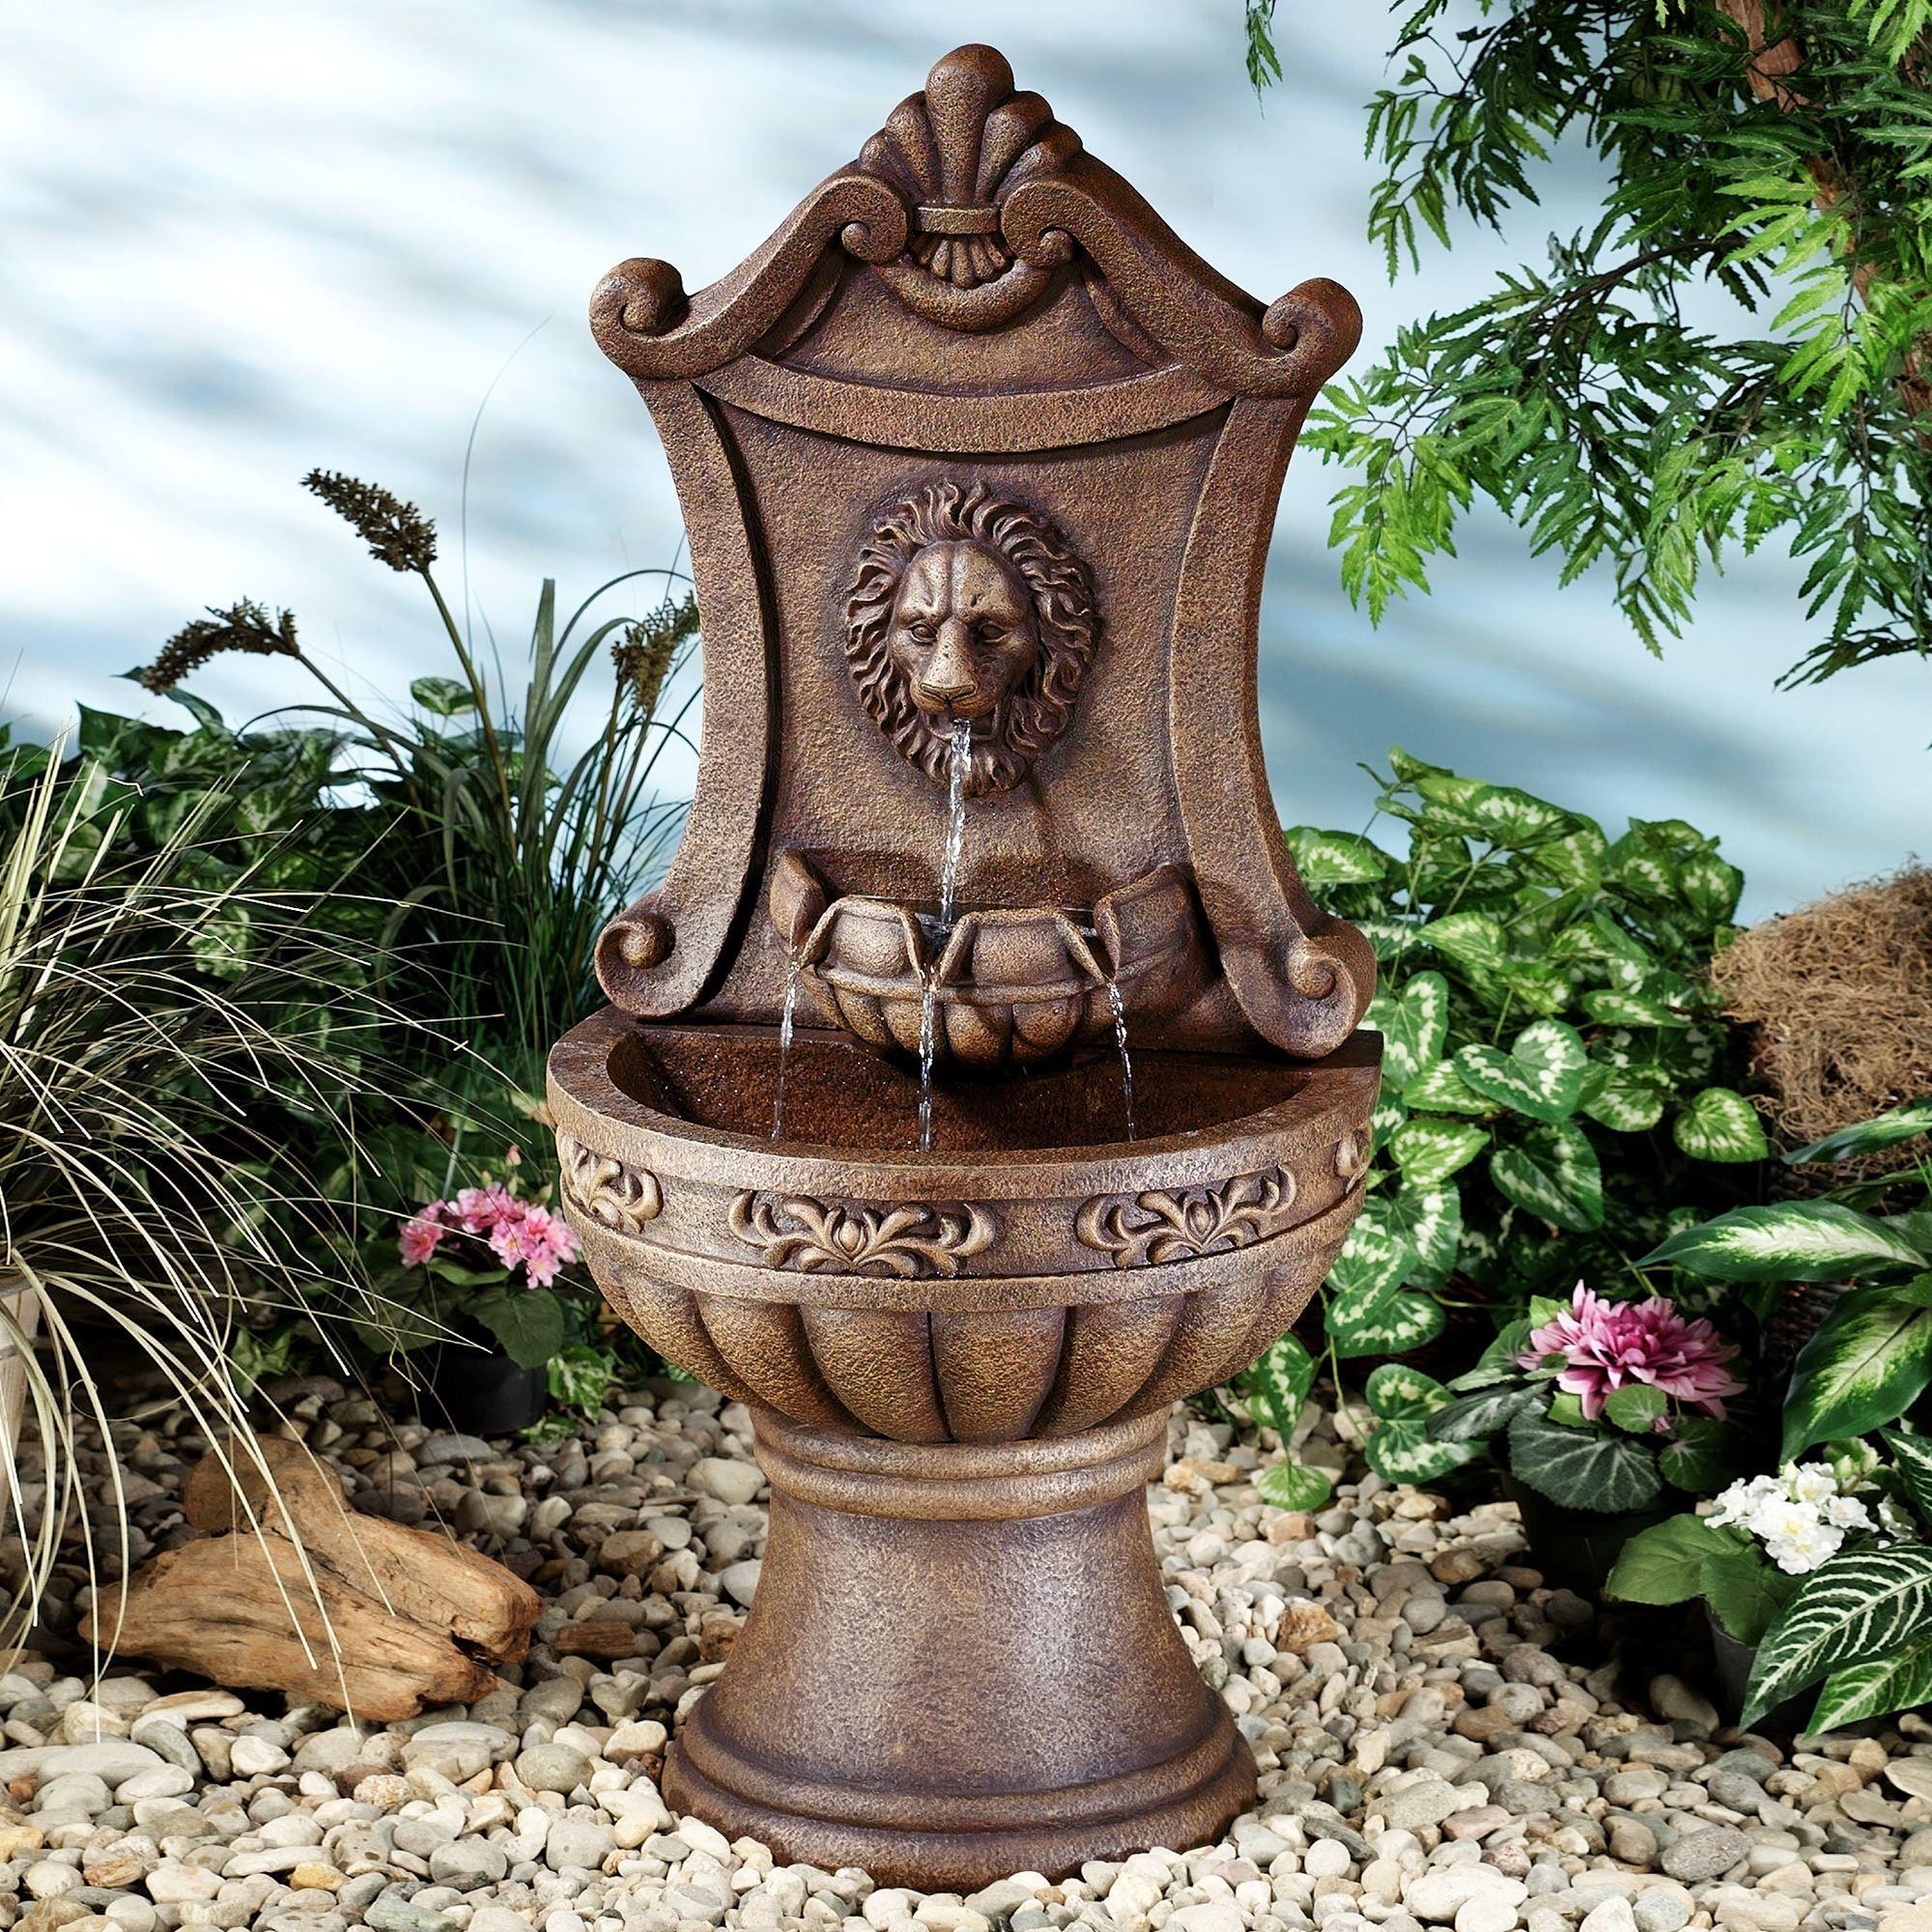 Water Fountain Indoor: Classic Lion Indoor Outdoor Water Fountain